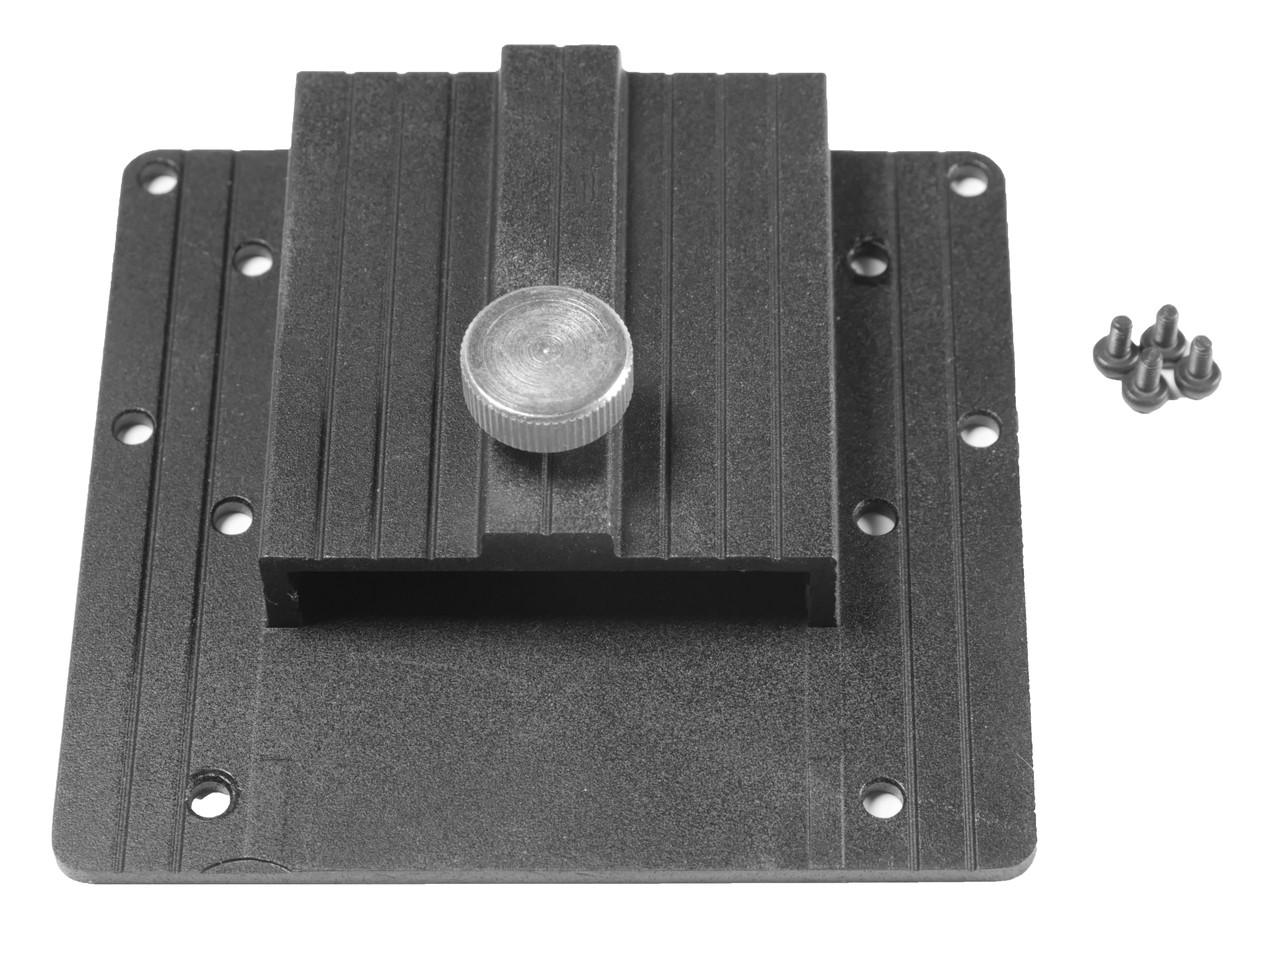 Modified VESA Plate - International